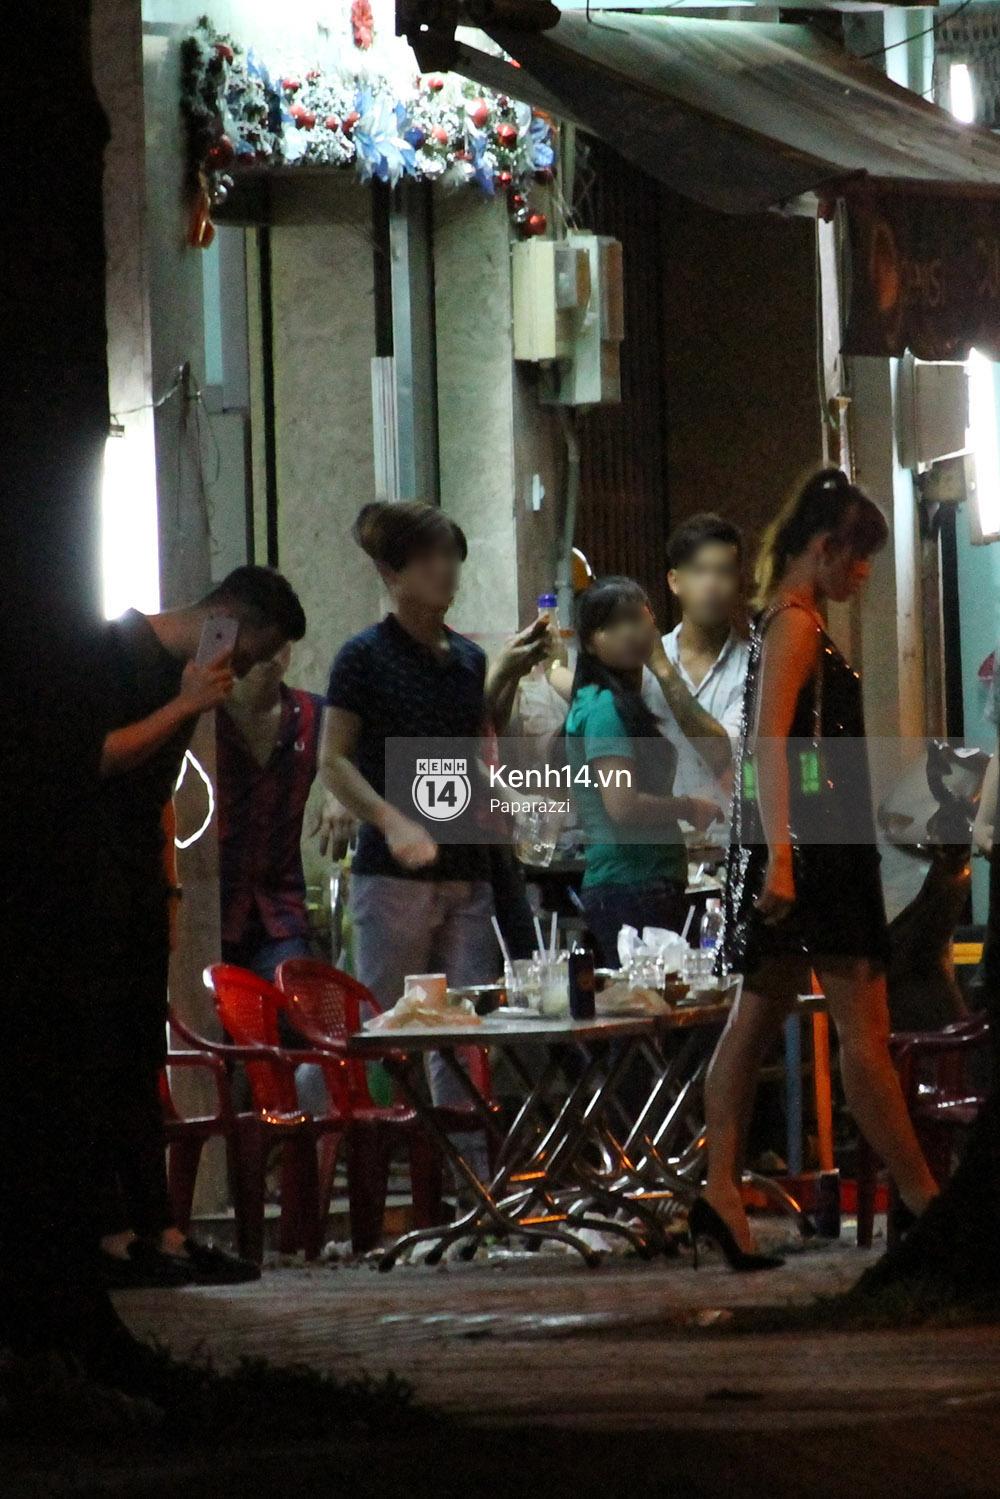 Sau sự kiện, Trấn Thành - Hari Won đi ăn đêm ở quán lề đường cùng bạn đến nửa đêm - Ảnh 11.